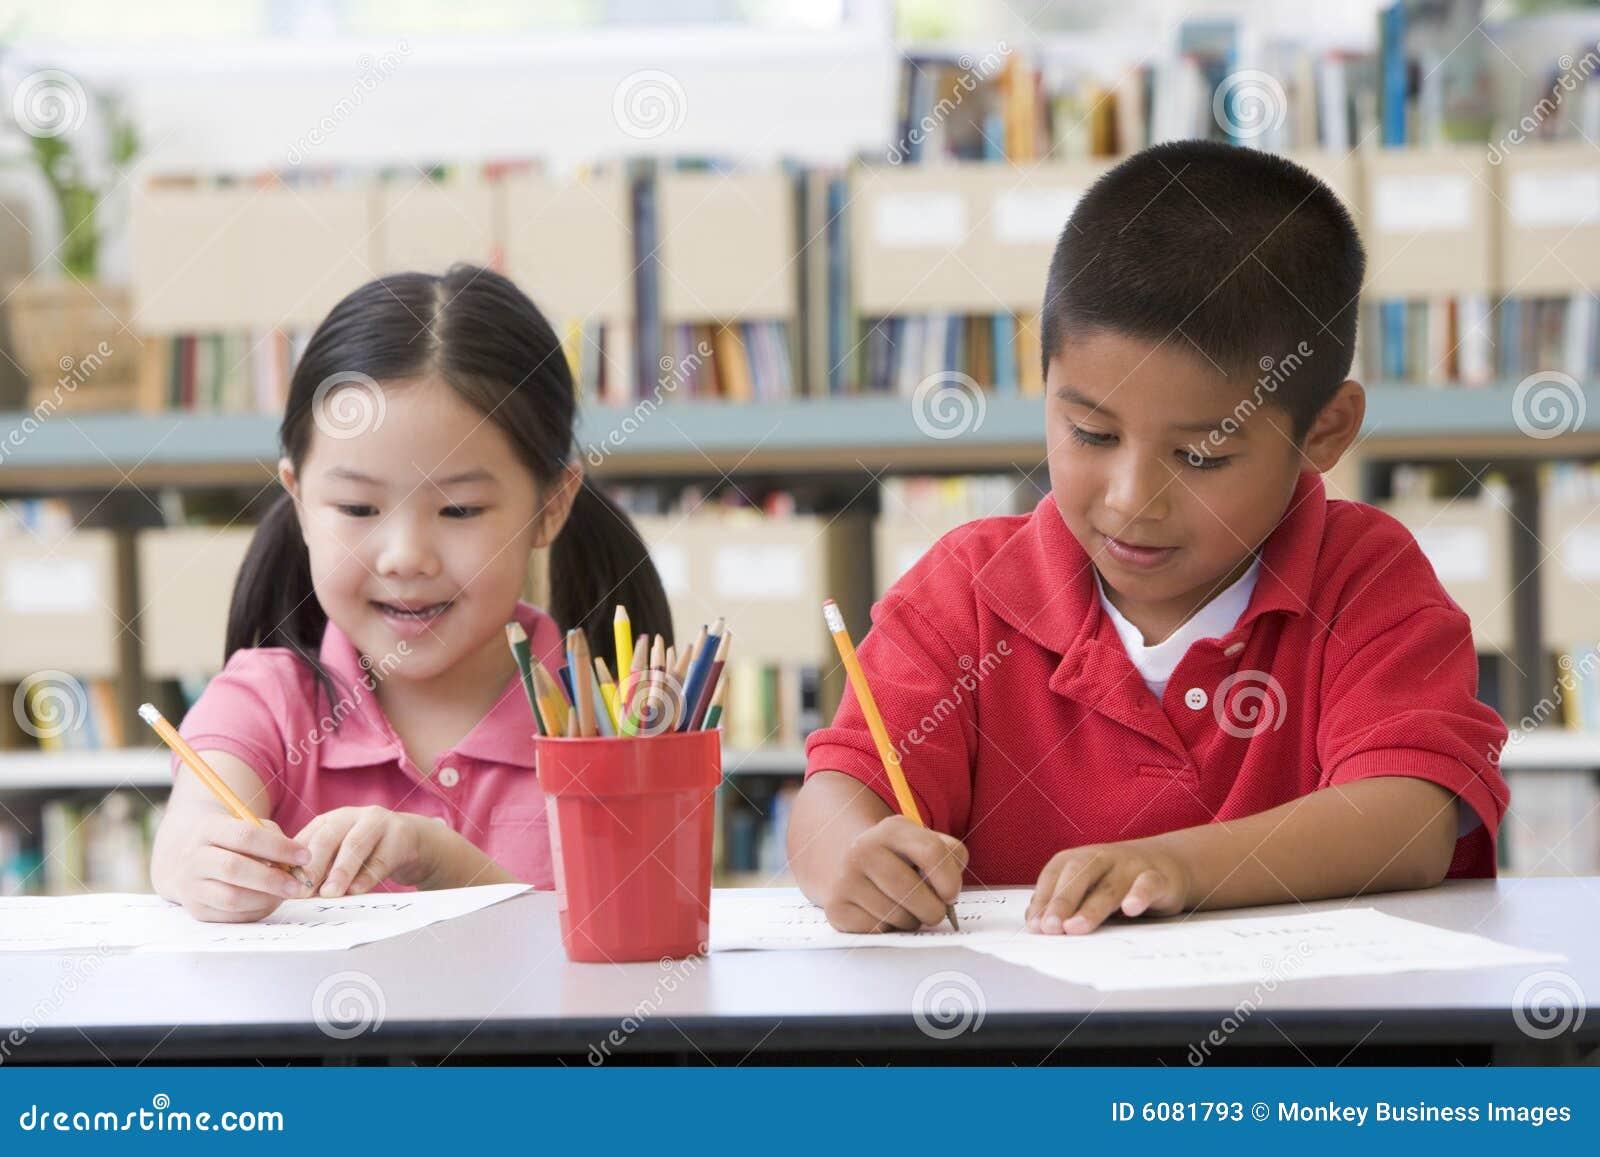 Bambini che si siedono allo scrittorio e che scrivono nell 39 aula immagine stock immagine di - Bambini che si guardano allo specchio ...